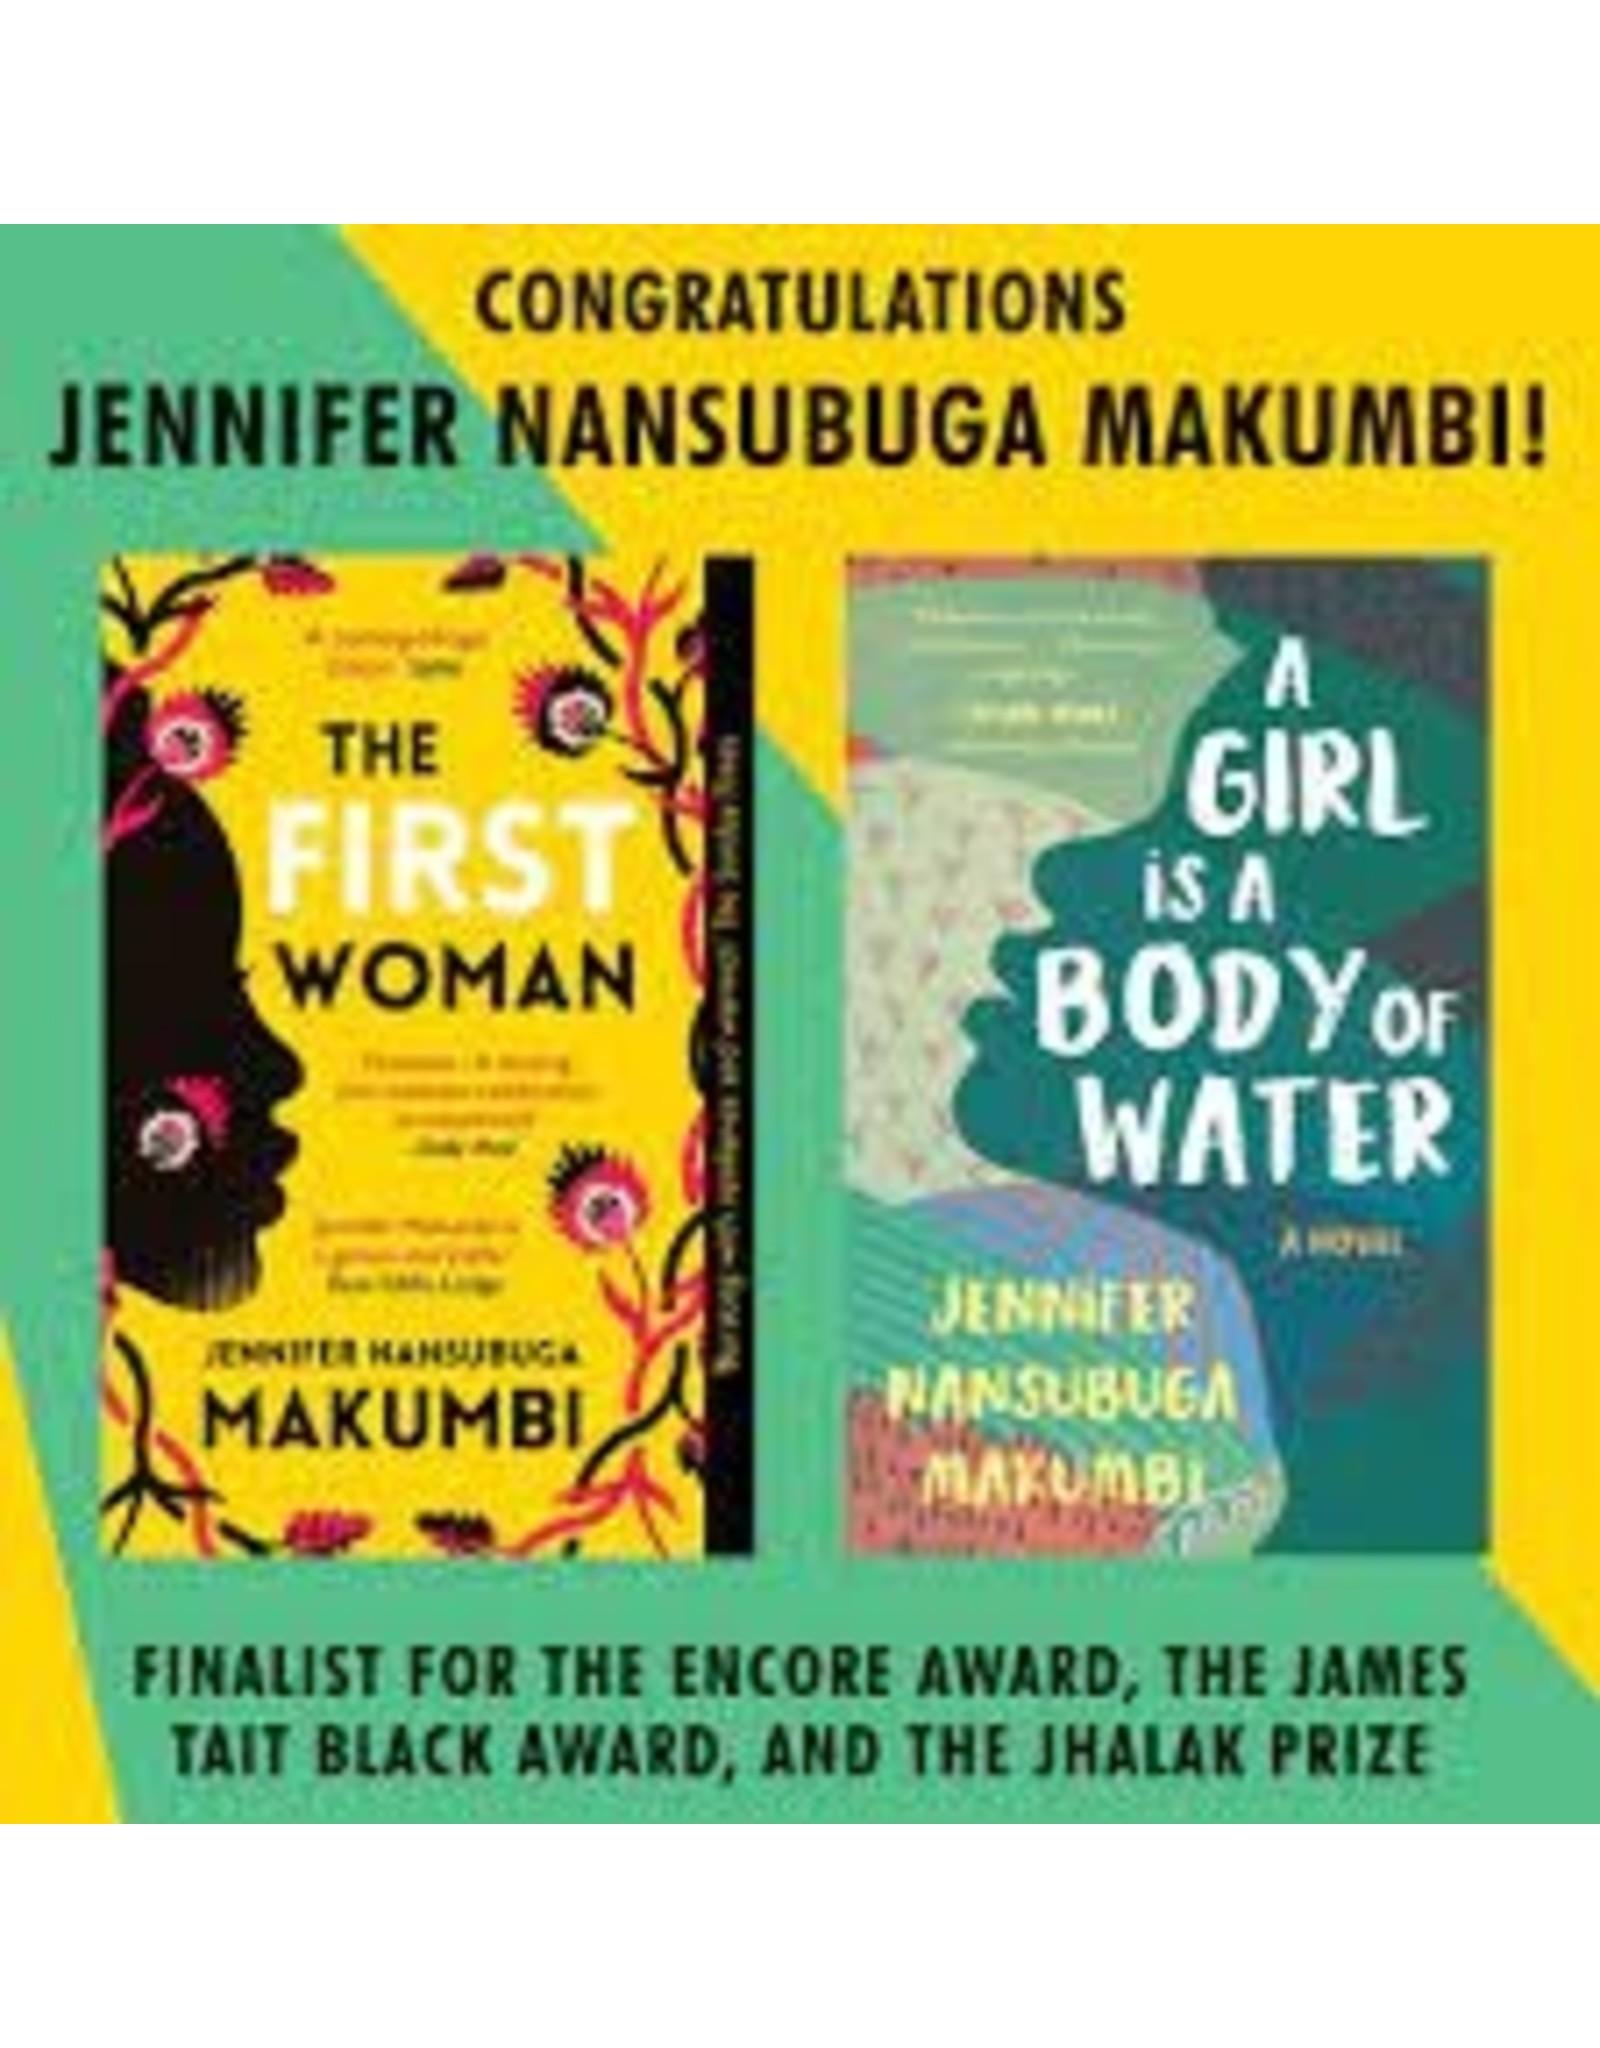 Books A Girl is A Body of Water: A Novel by Jennifer Nansubuga Makumbi